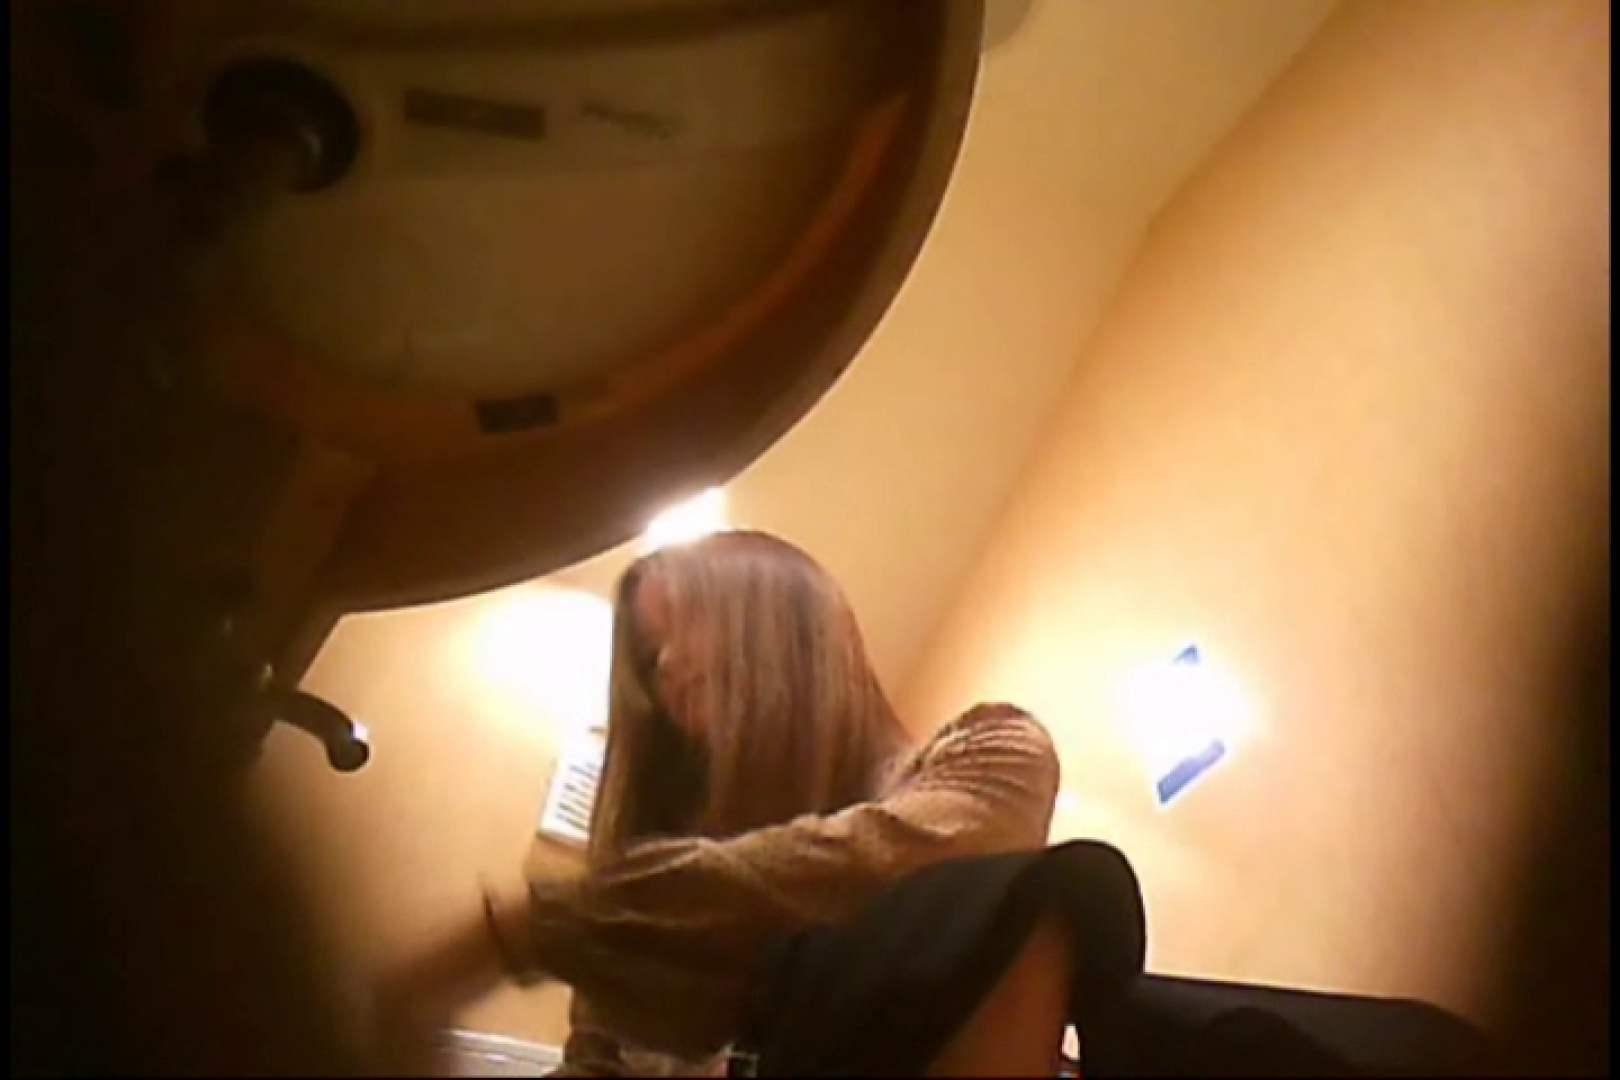 潜入!!女子化粧室盗撮~絶対見られたくない時間~vo,111 ぽっちゃり すけべAV動画紹介 10枚 8